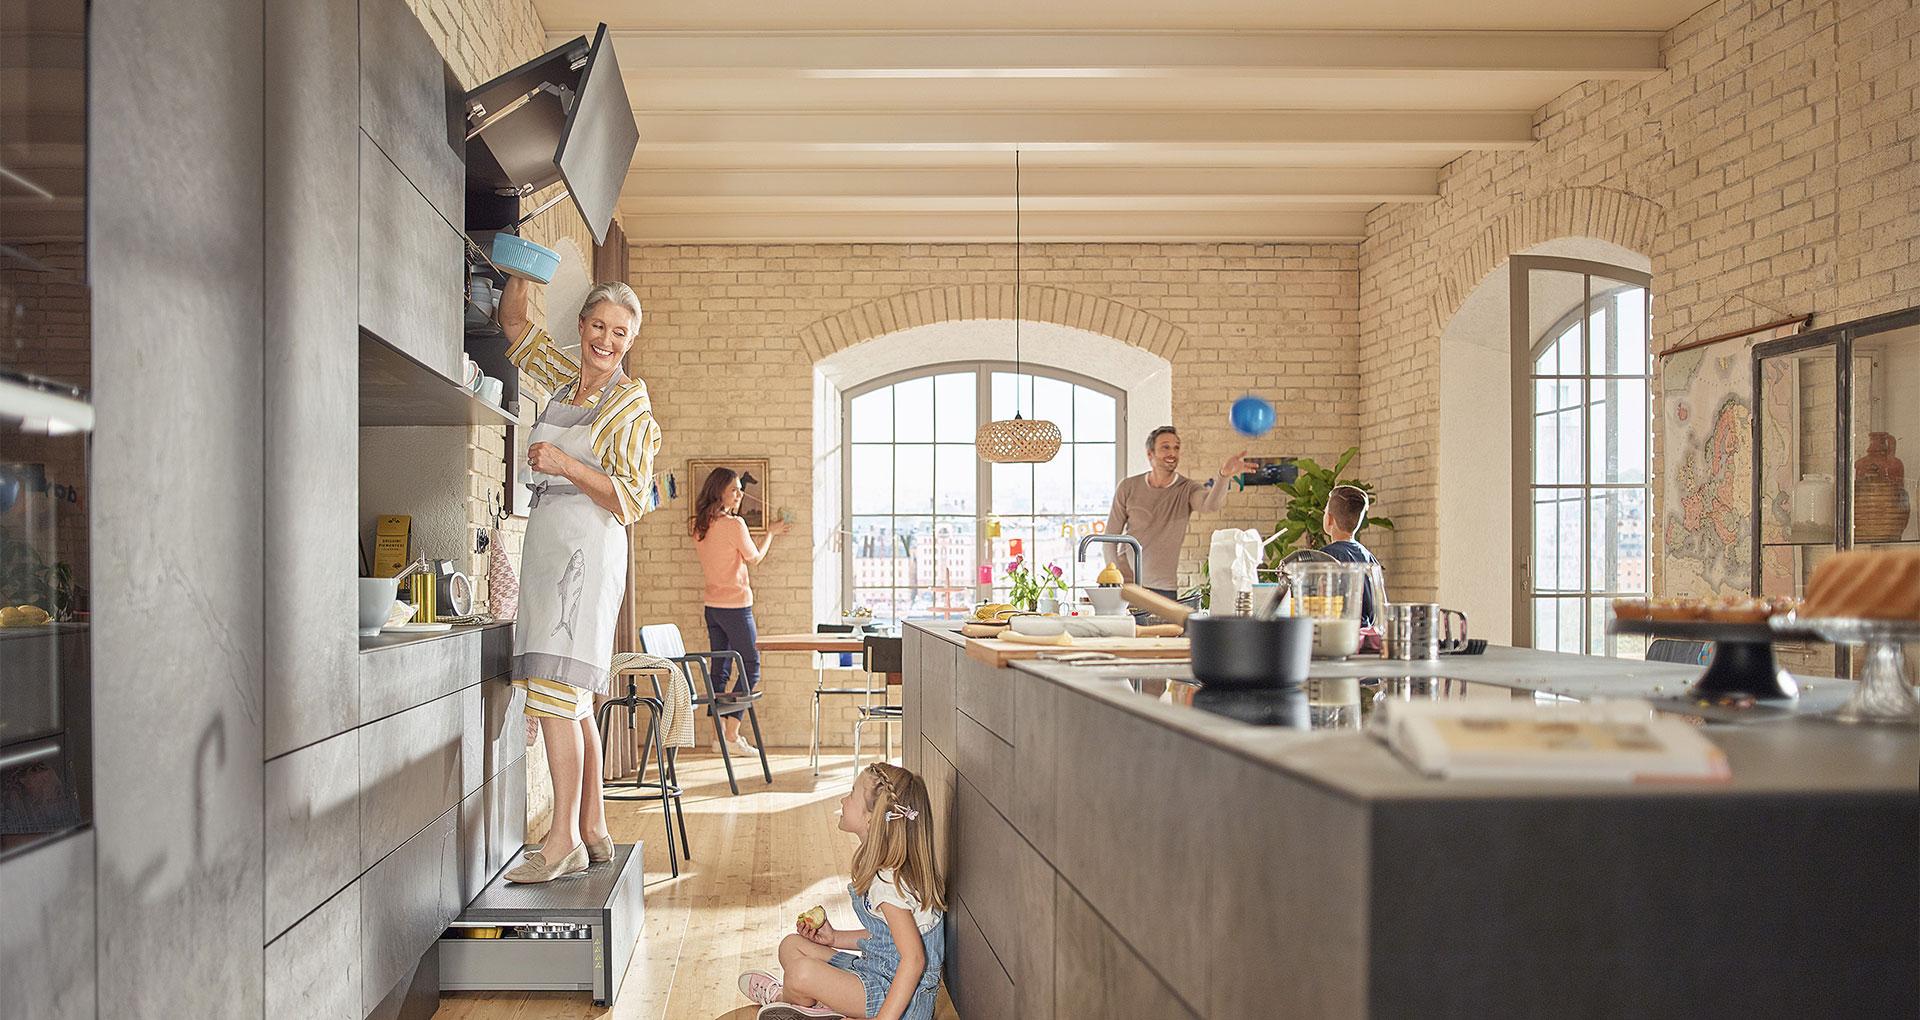 Онлайн-запис на тест-драйв кухні від Блюм у Твоєму місті